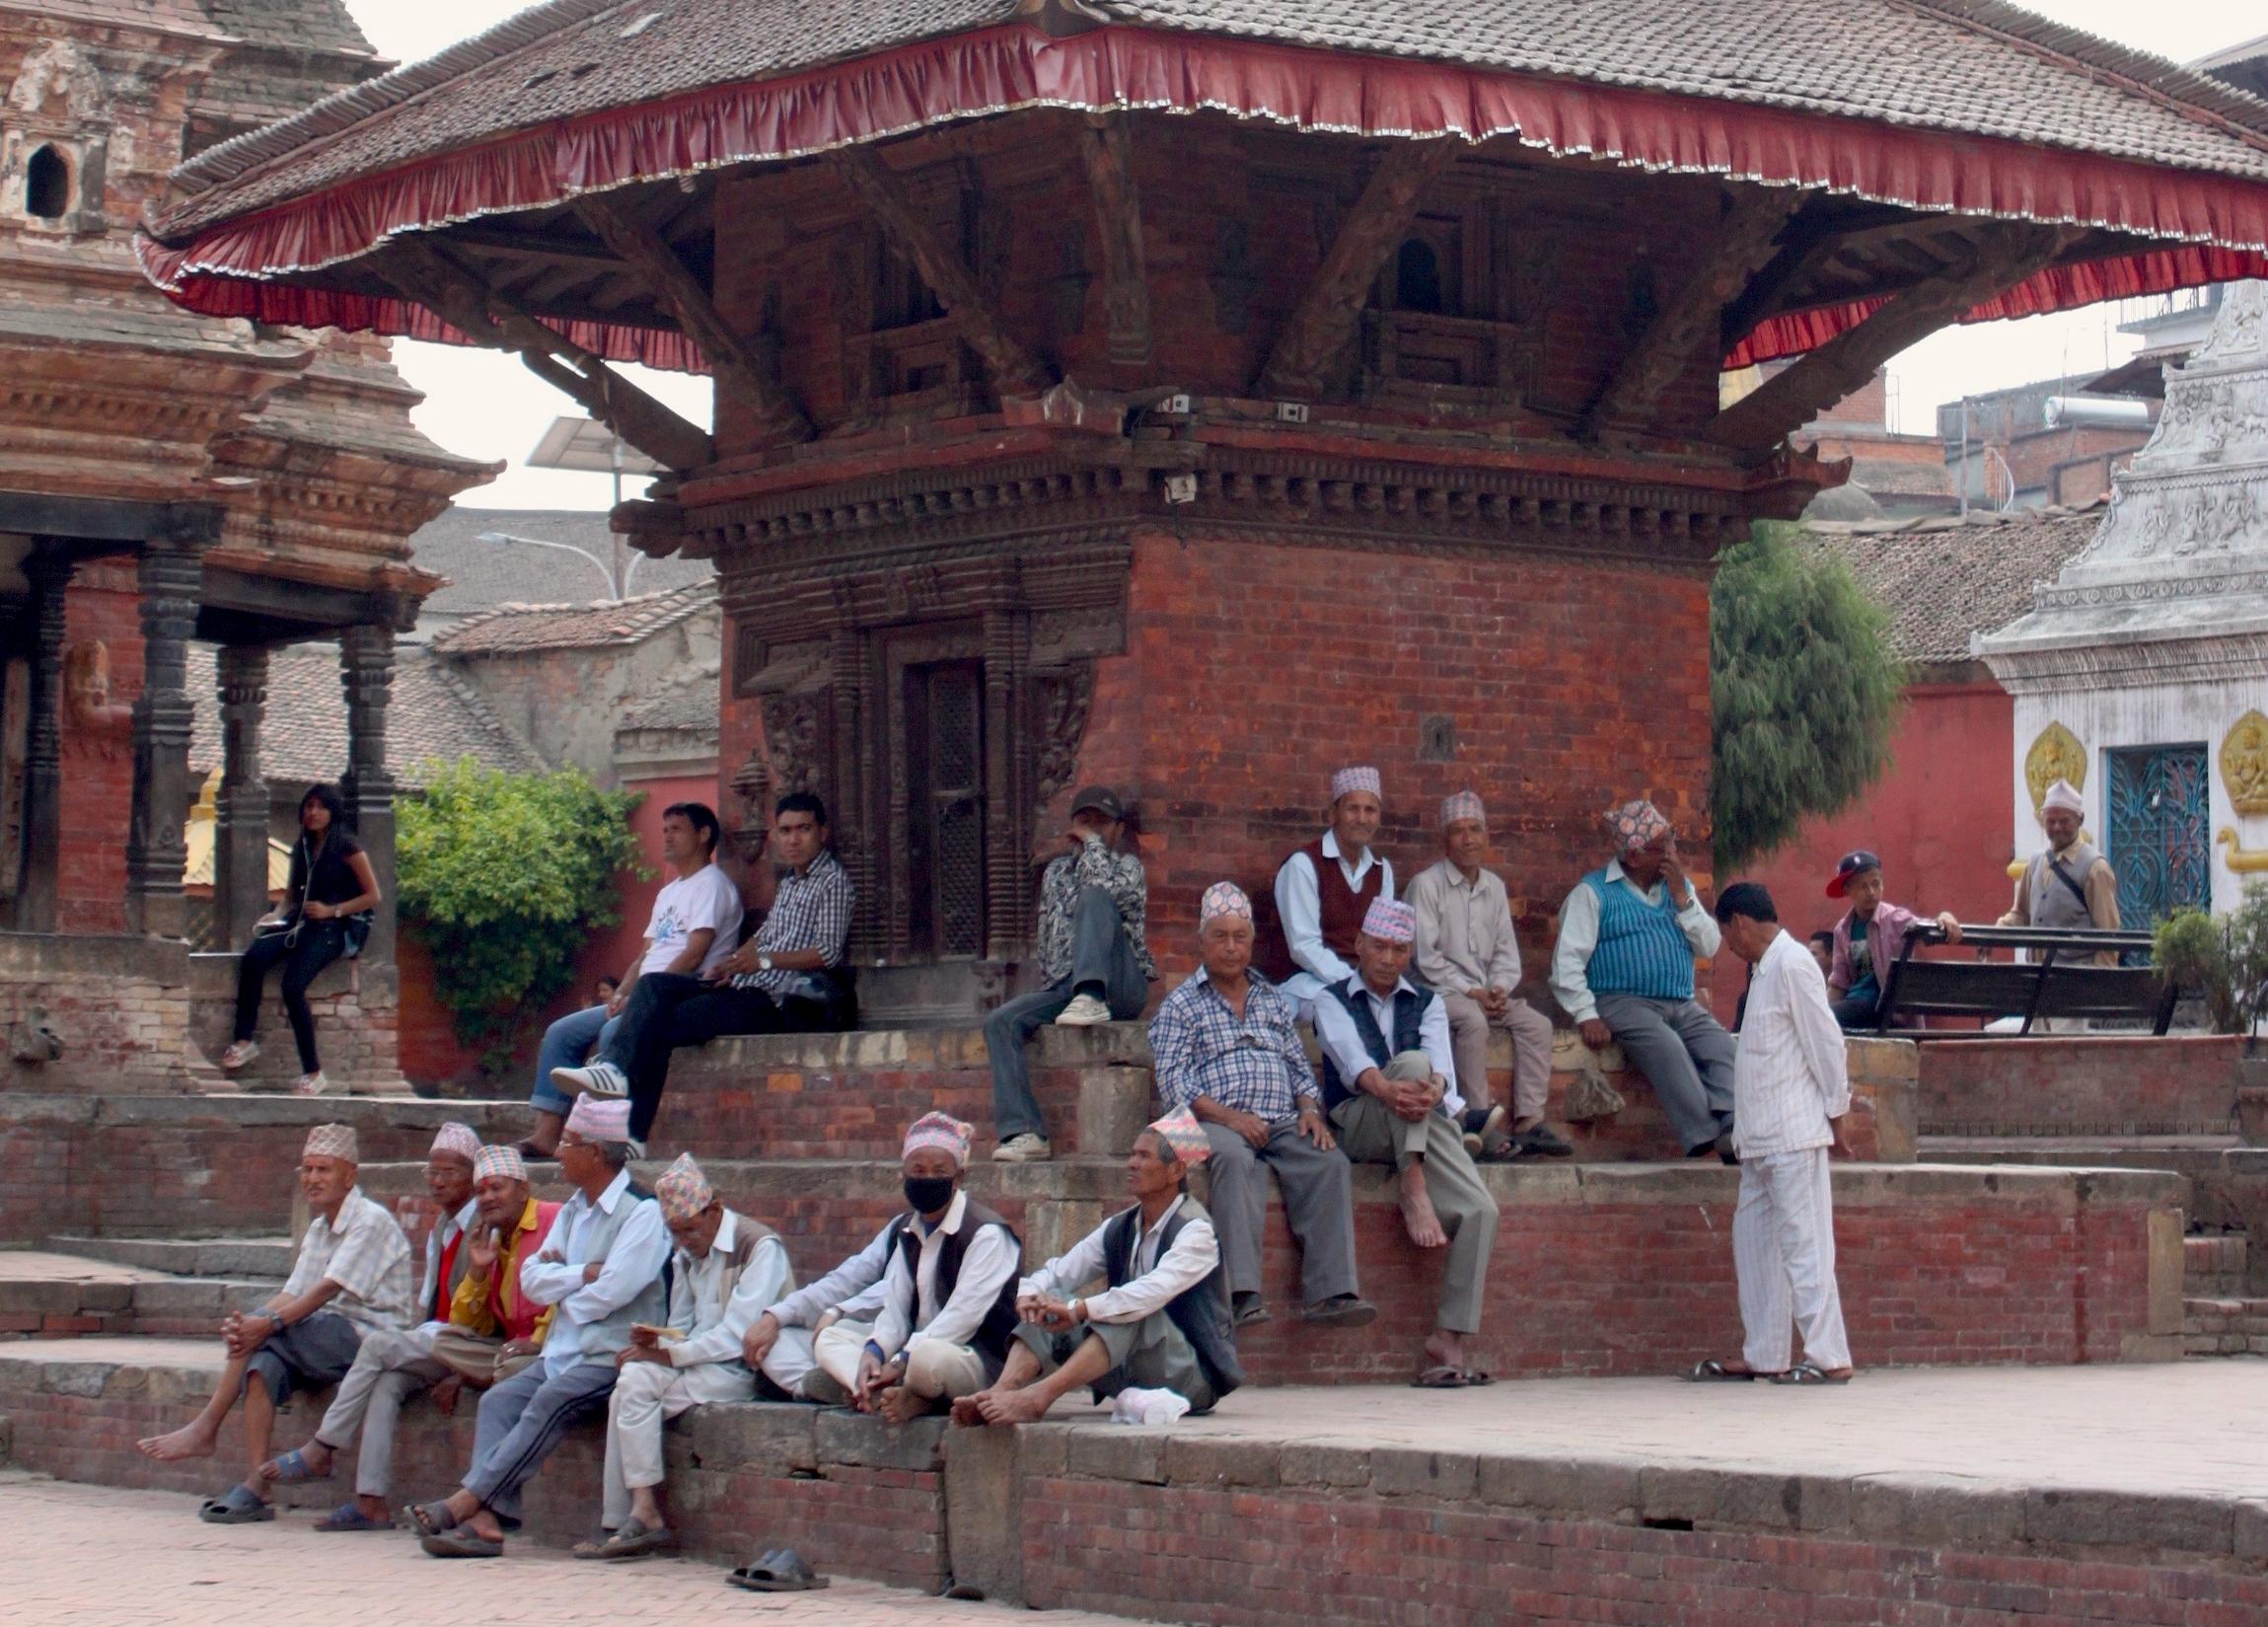 gli uomini in nepal oziano all'ombra dei templi